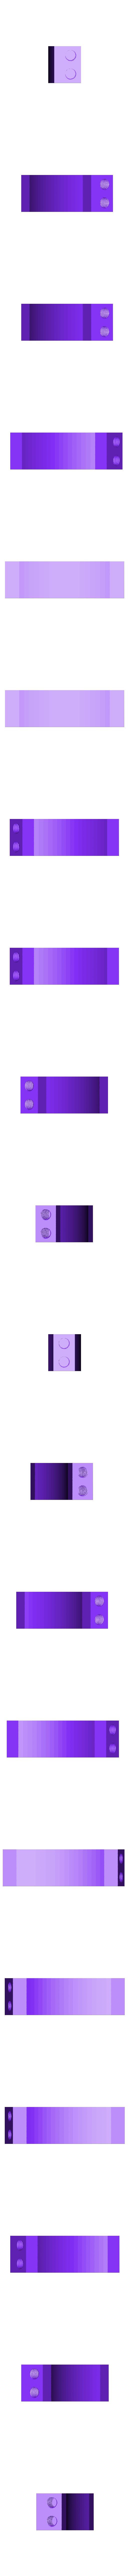 E003.stl Télécharger fichier STL Perceuse à main Impression 3D • Design pour impression 3D, MPPSWKA7